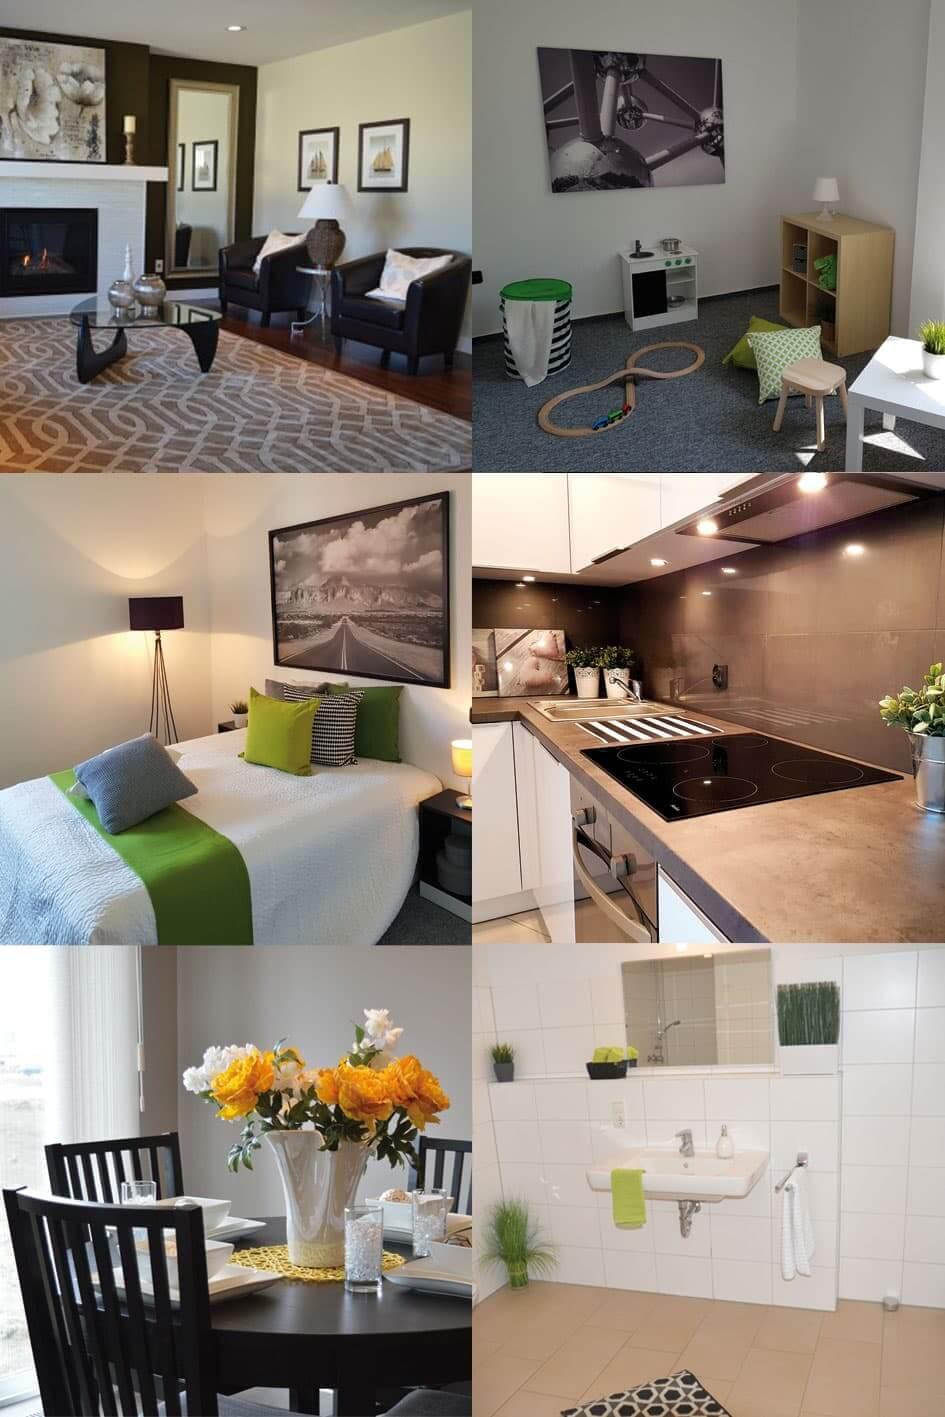 Home Staging von Küche, Kinderzimmer, Wohnzimmer, Schlafzimmer, Eßzimmer und Bad. (Beispiele extern)